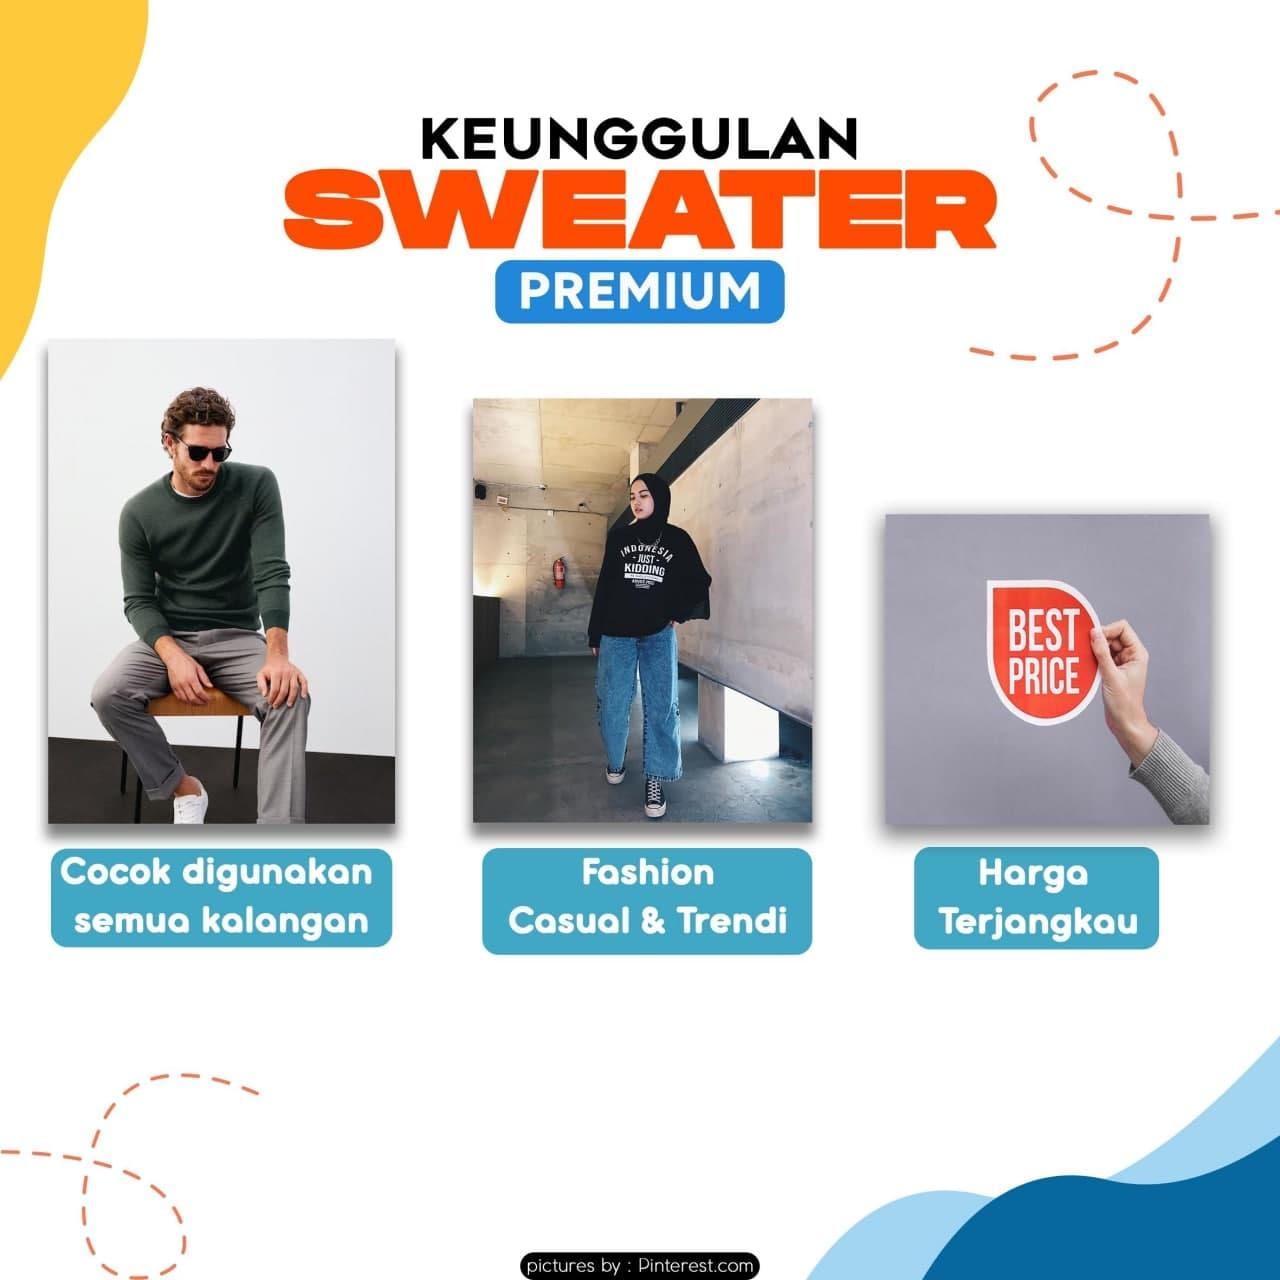 Keunggulan Sweater Premium